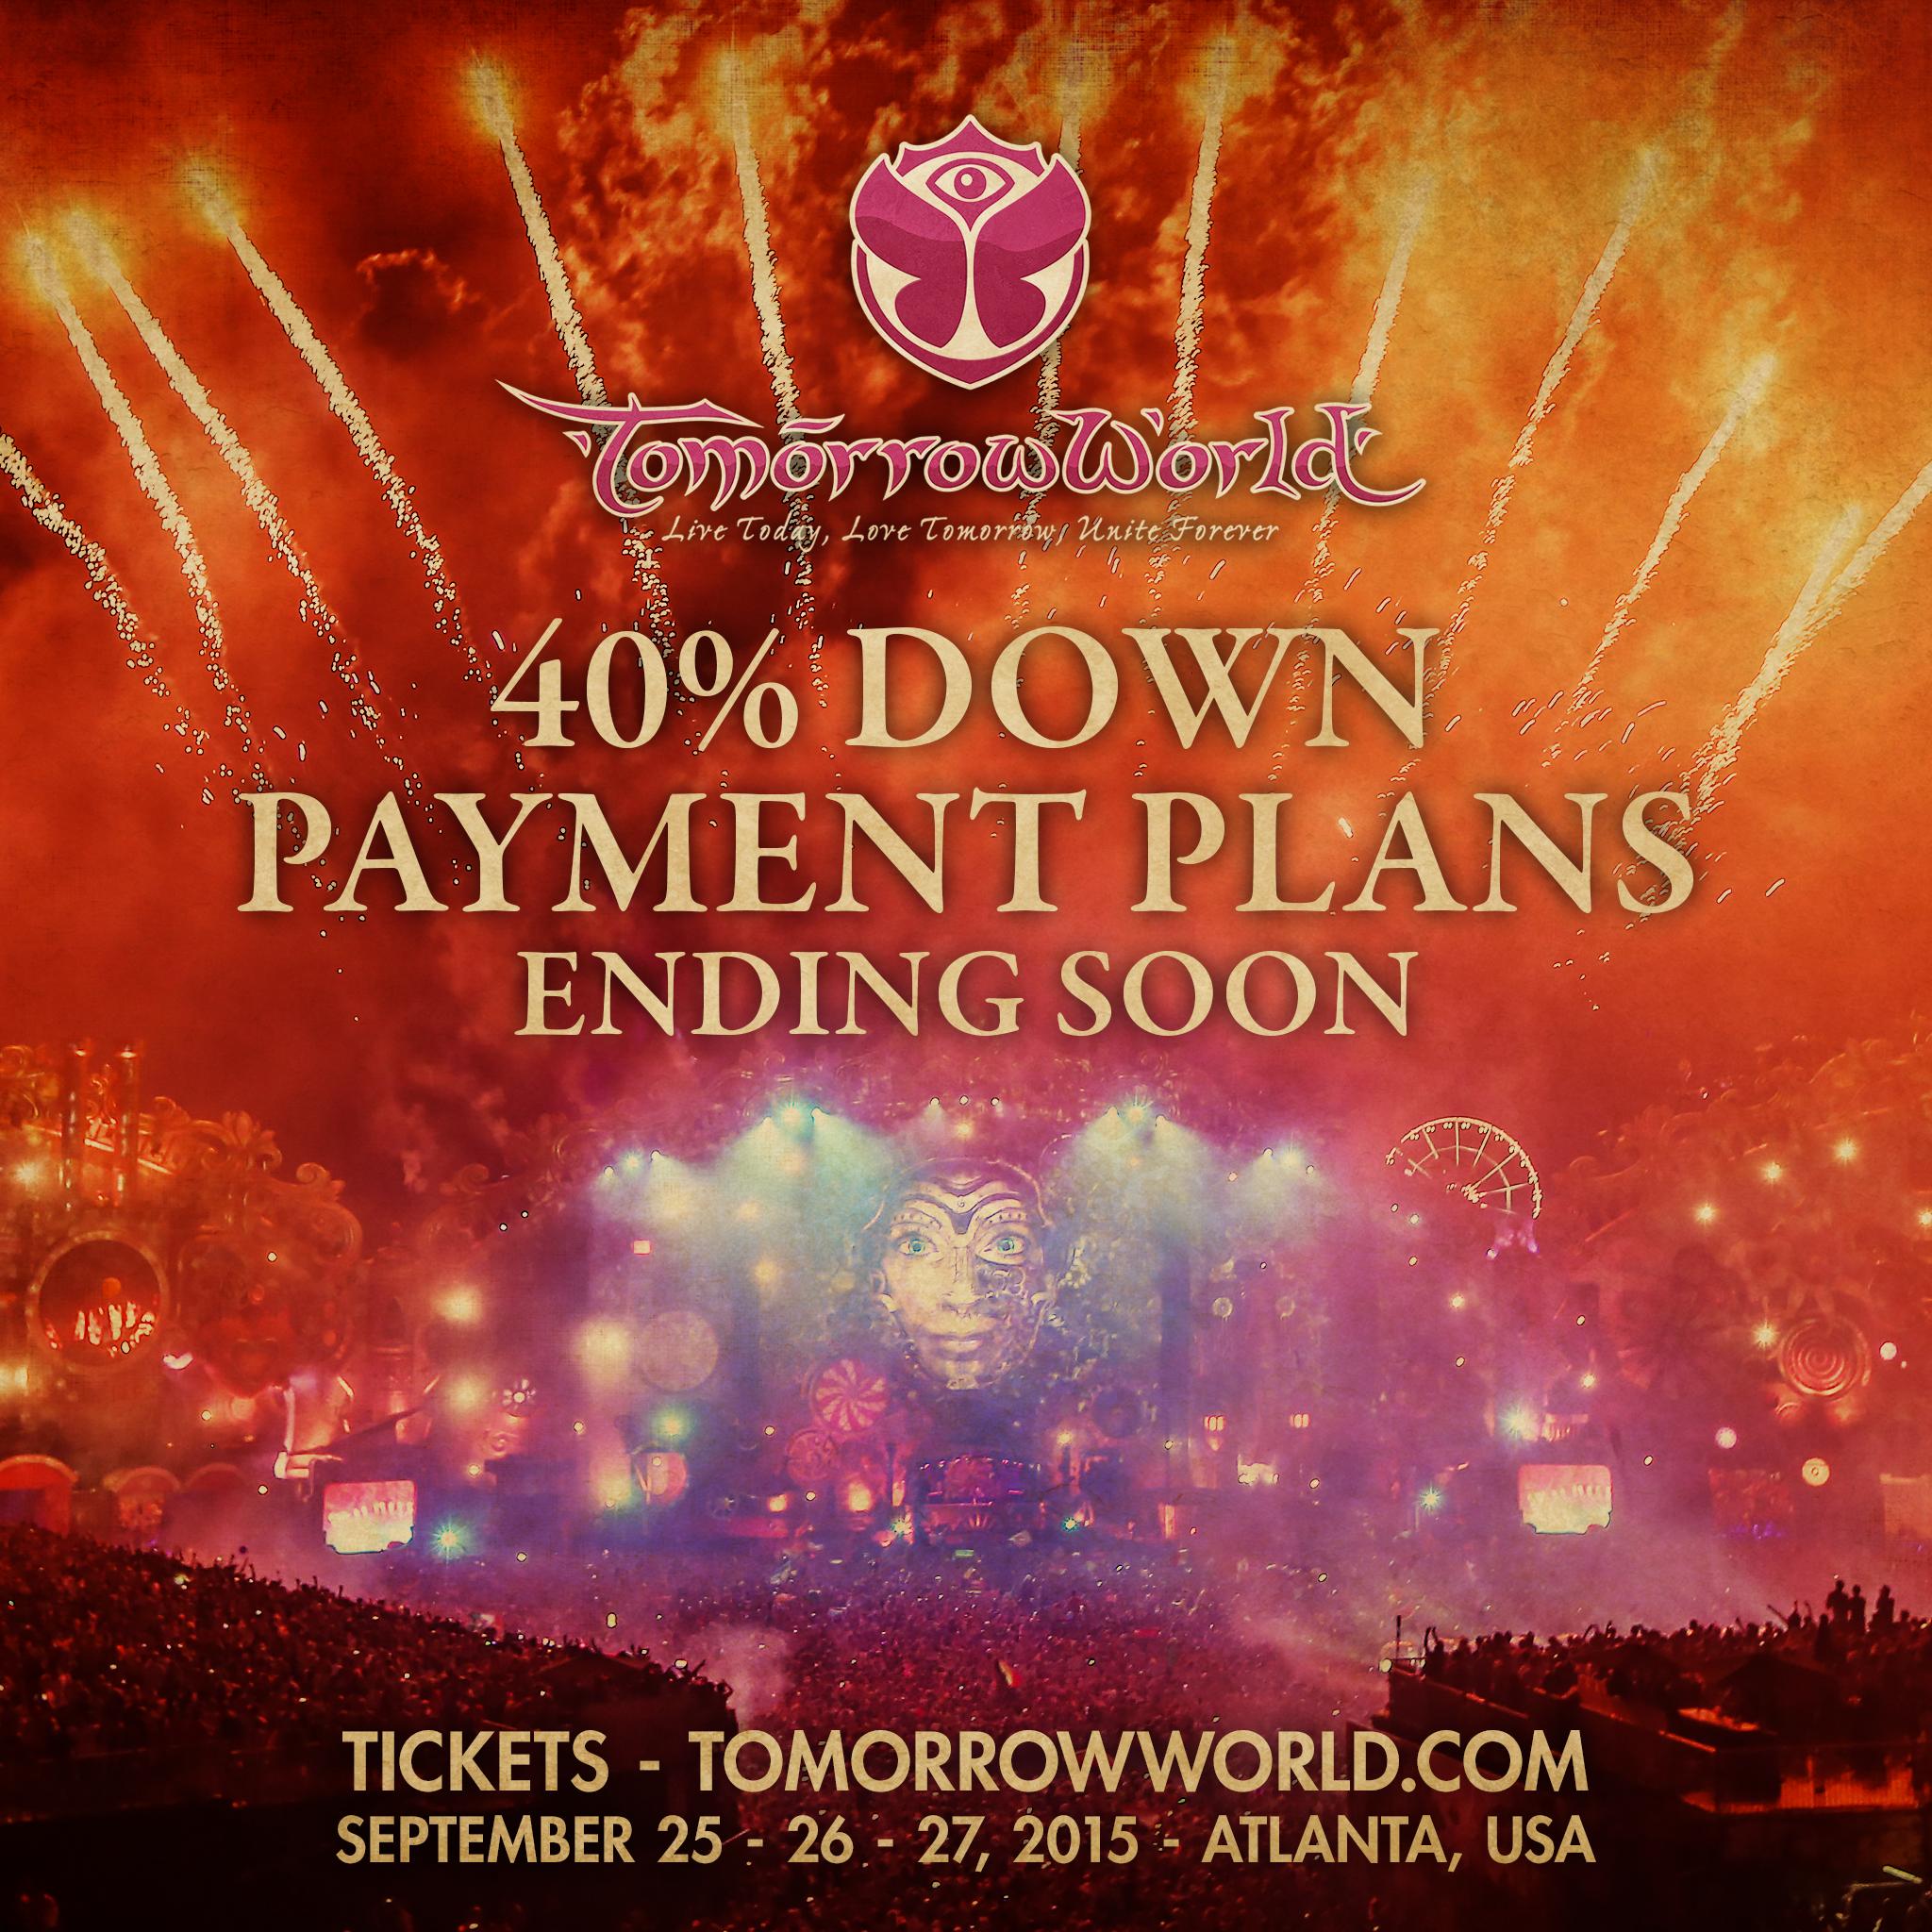 TomorrowWordl40downendsoon